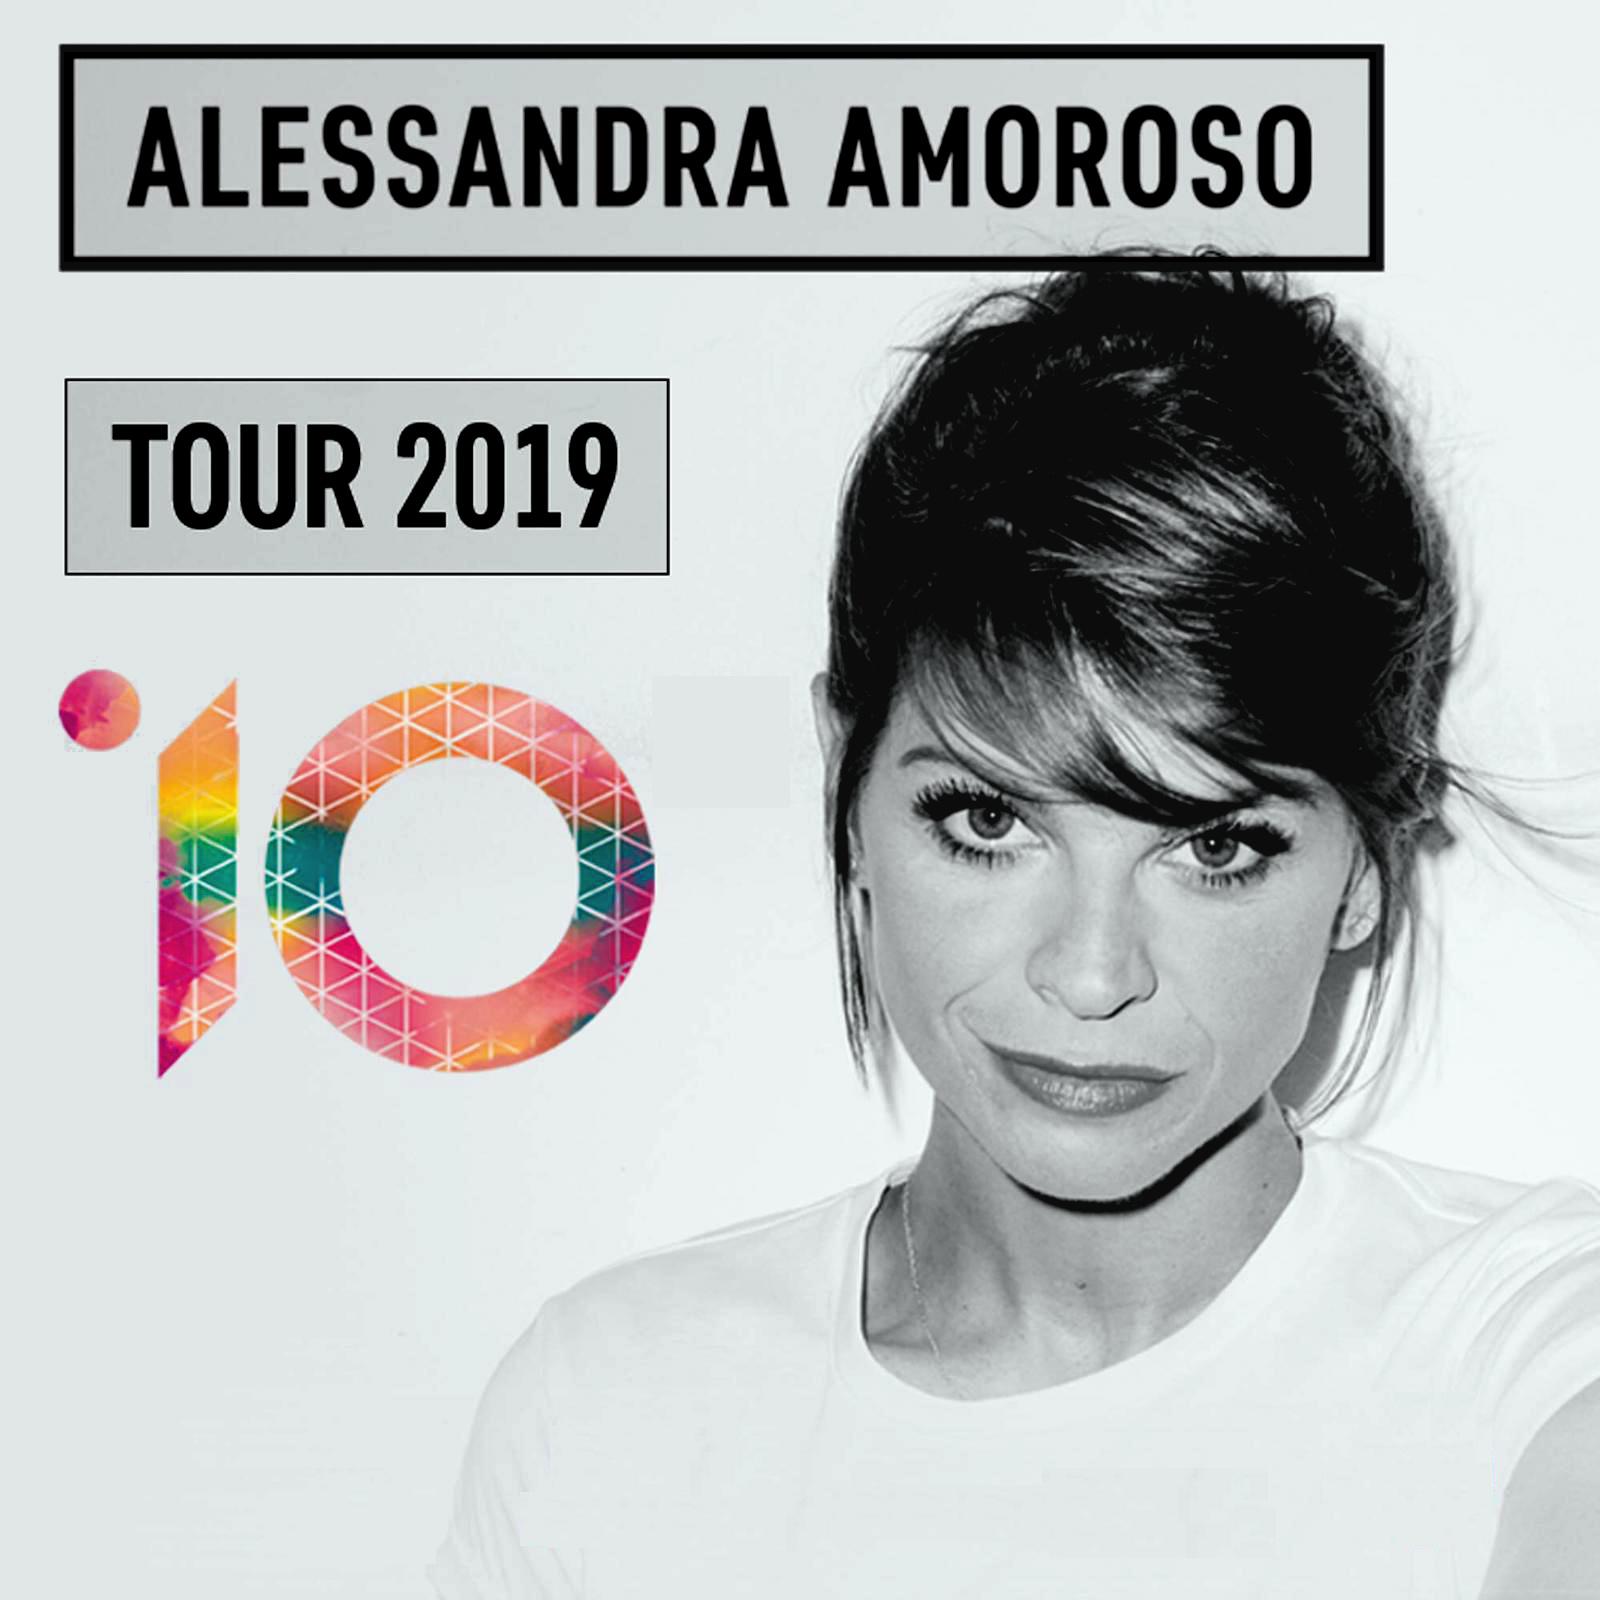 Isernia: grande attesa per il concerto di Alessansdra Amoroso. In città il prossimo 14 aprile all'Auditorium Unita' d'Italia.